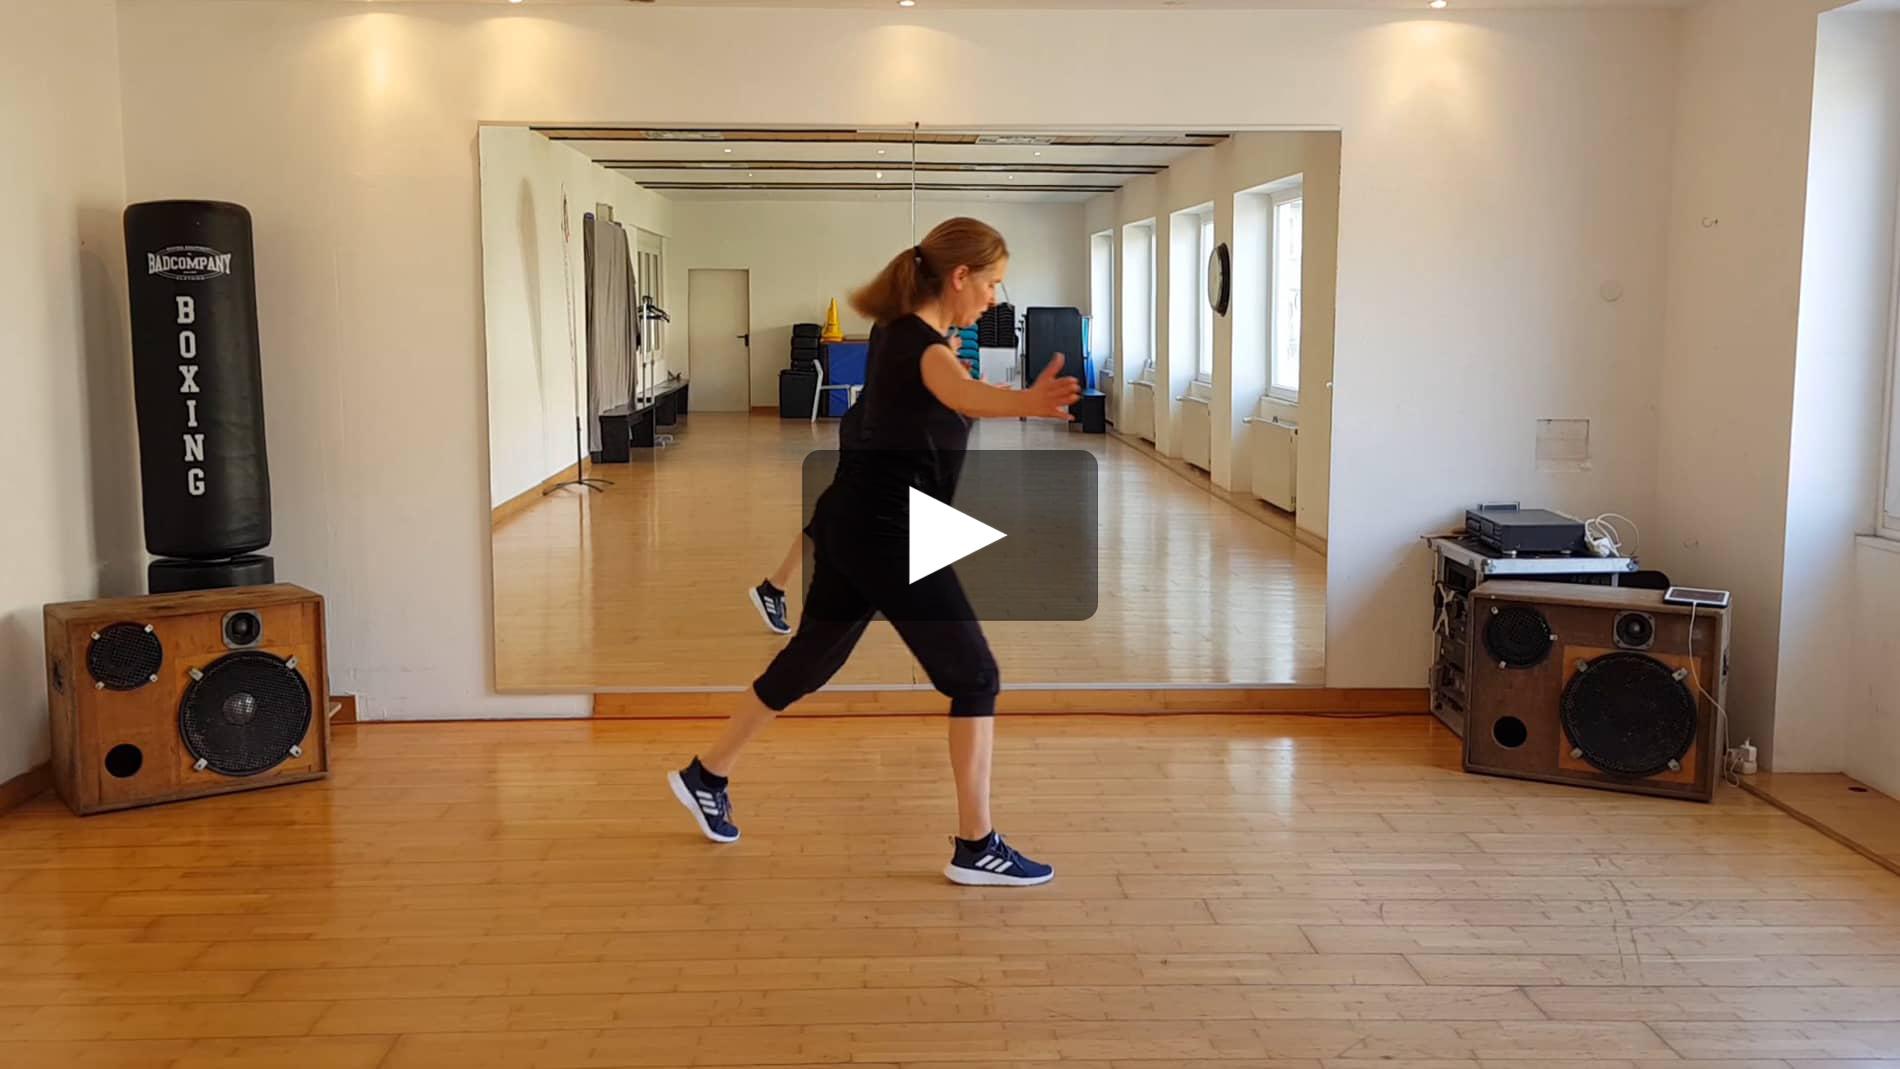 BBP: Dynamisch und statisch im Wechsel | Chrystal Gym Video